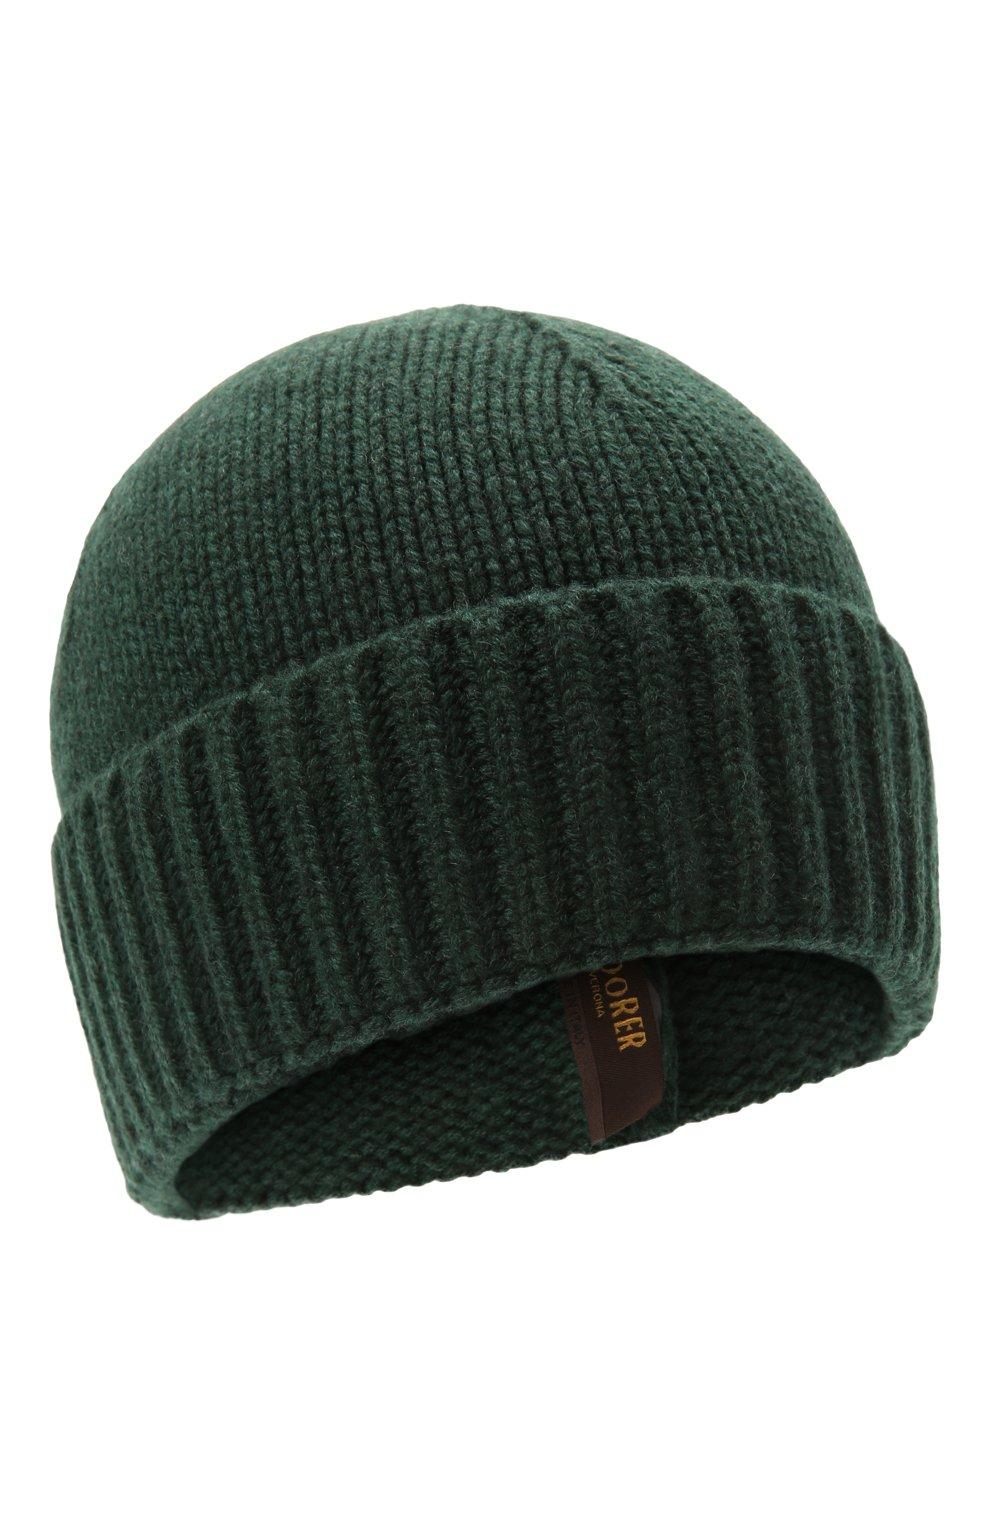 Мужская кашемировая шапка MOORER зеленого цвета, арт. BERET-CWS/M0UBE100001-TEPA177 | Фото 1 (Материал: Кашемир, Шерсть; Кросс-КТ: Трикотаж)